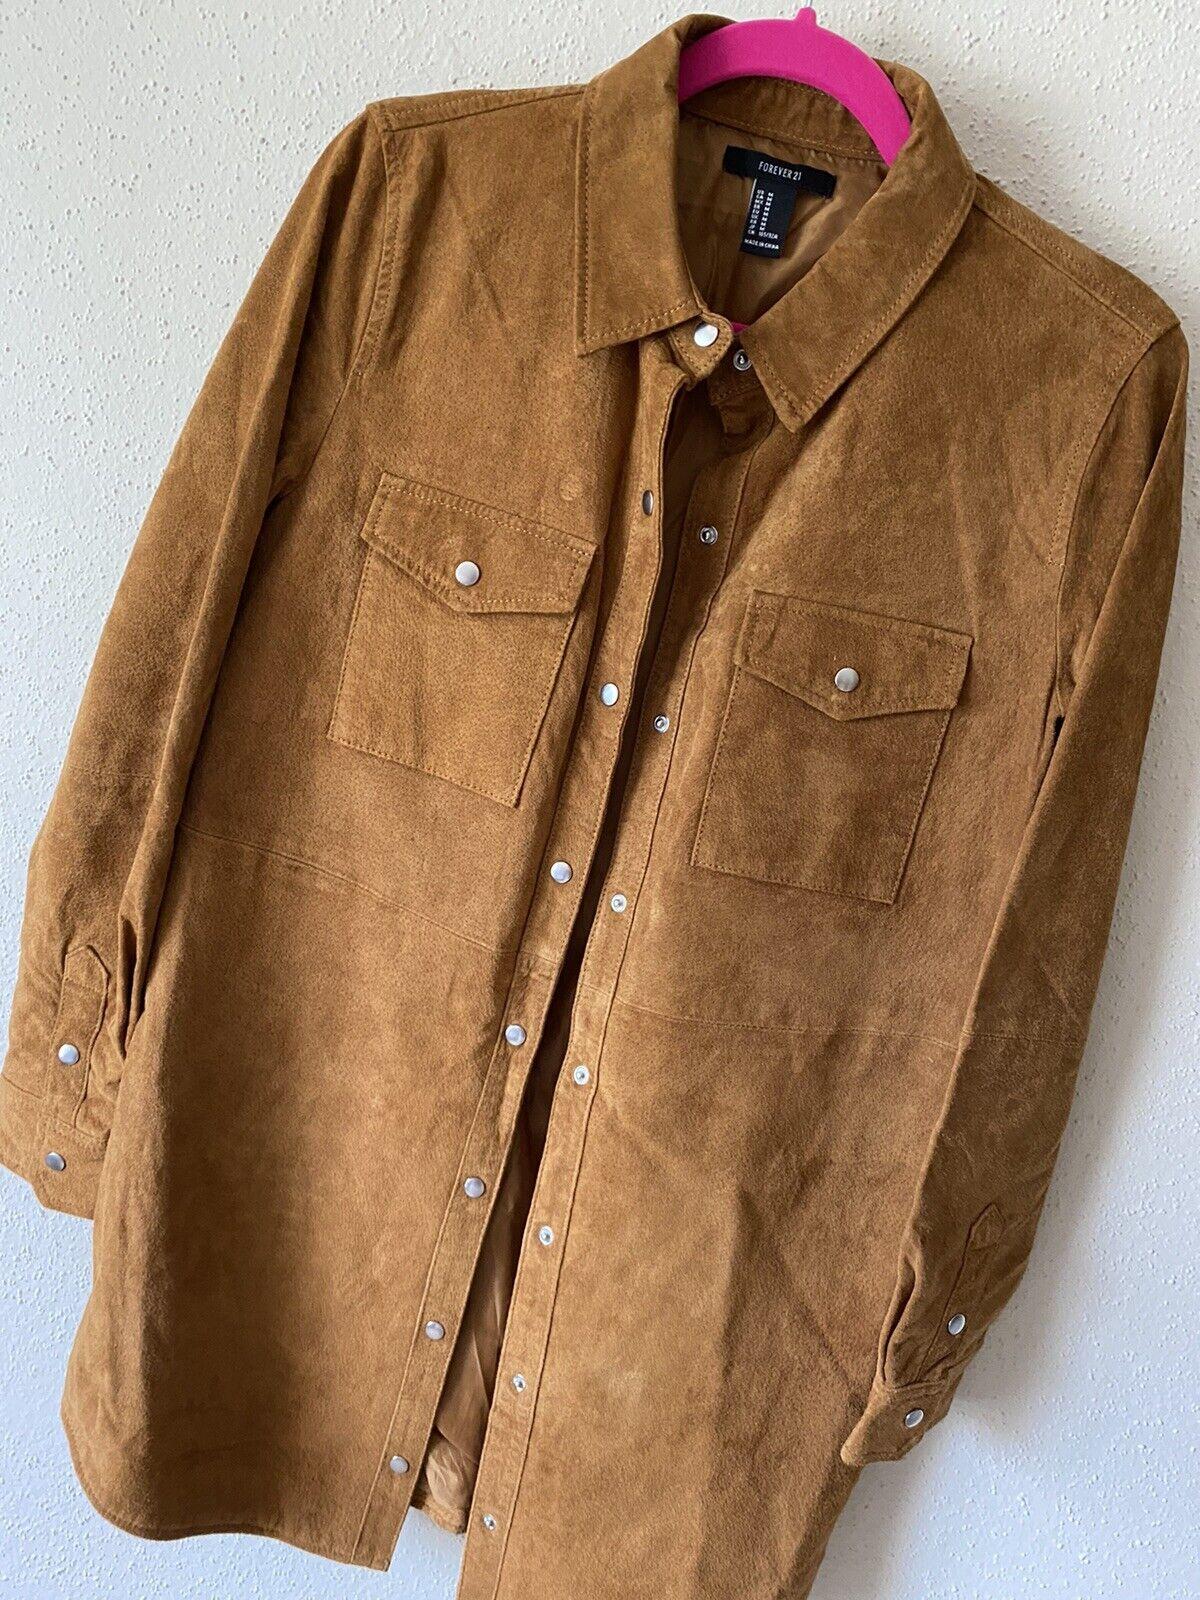 forever 21 leather jacket Shirt Size M - image 5